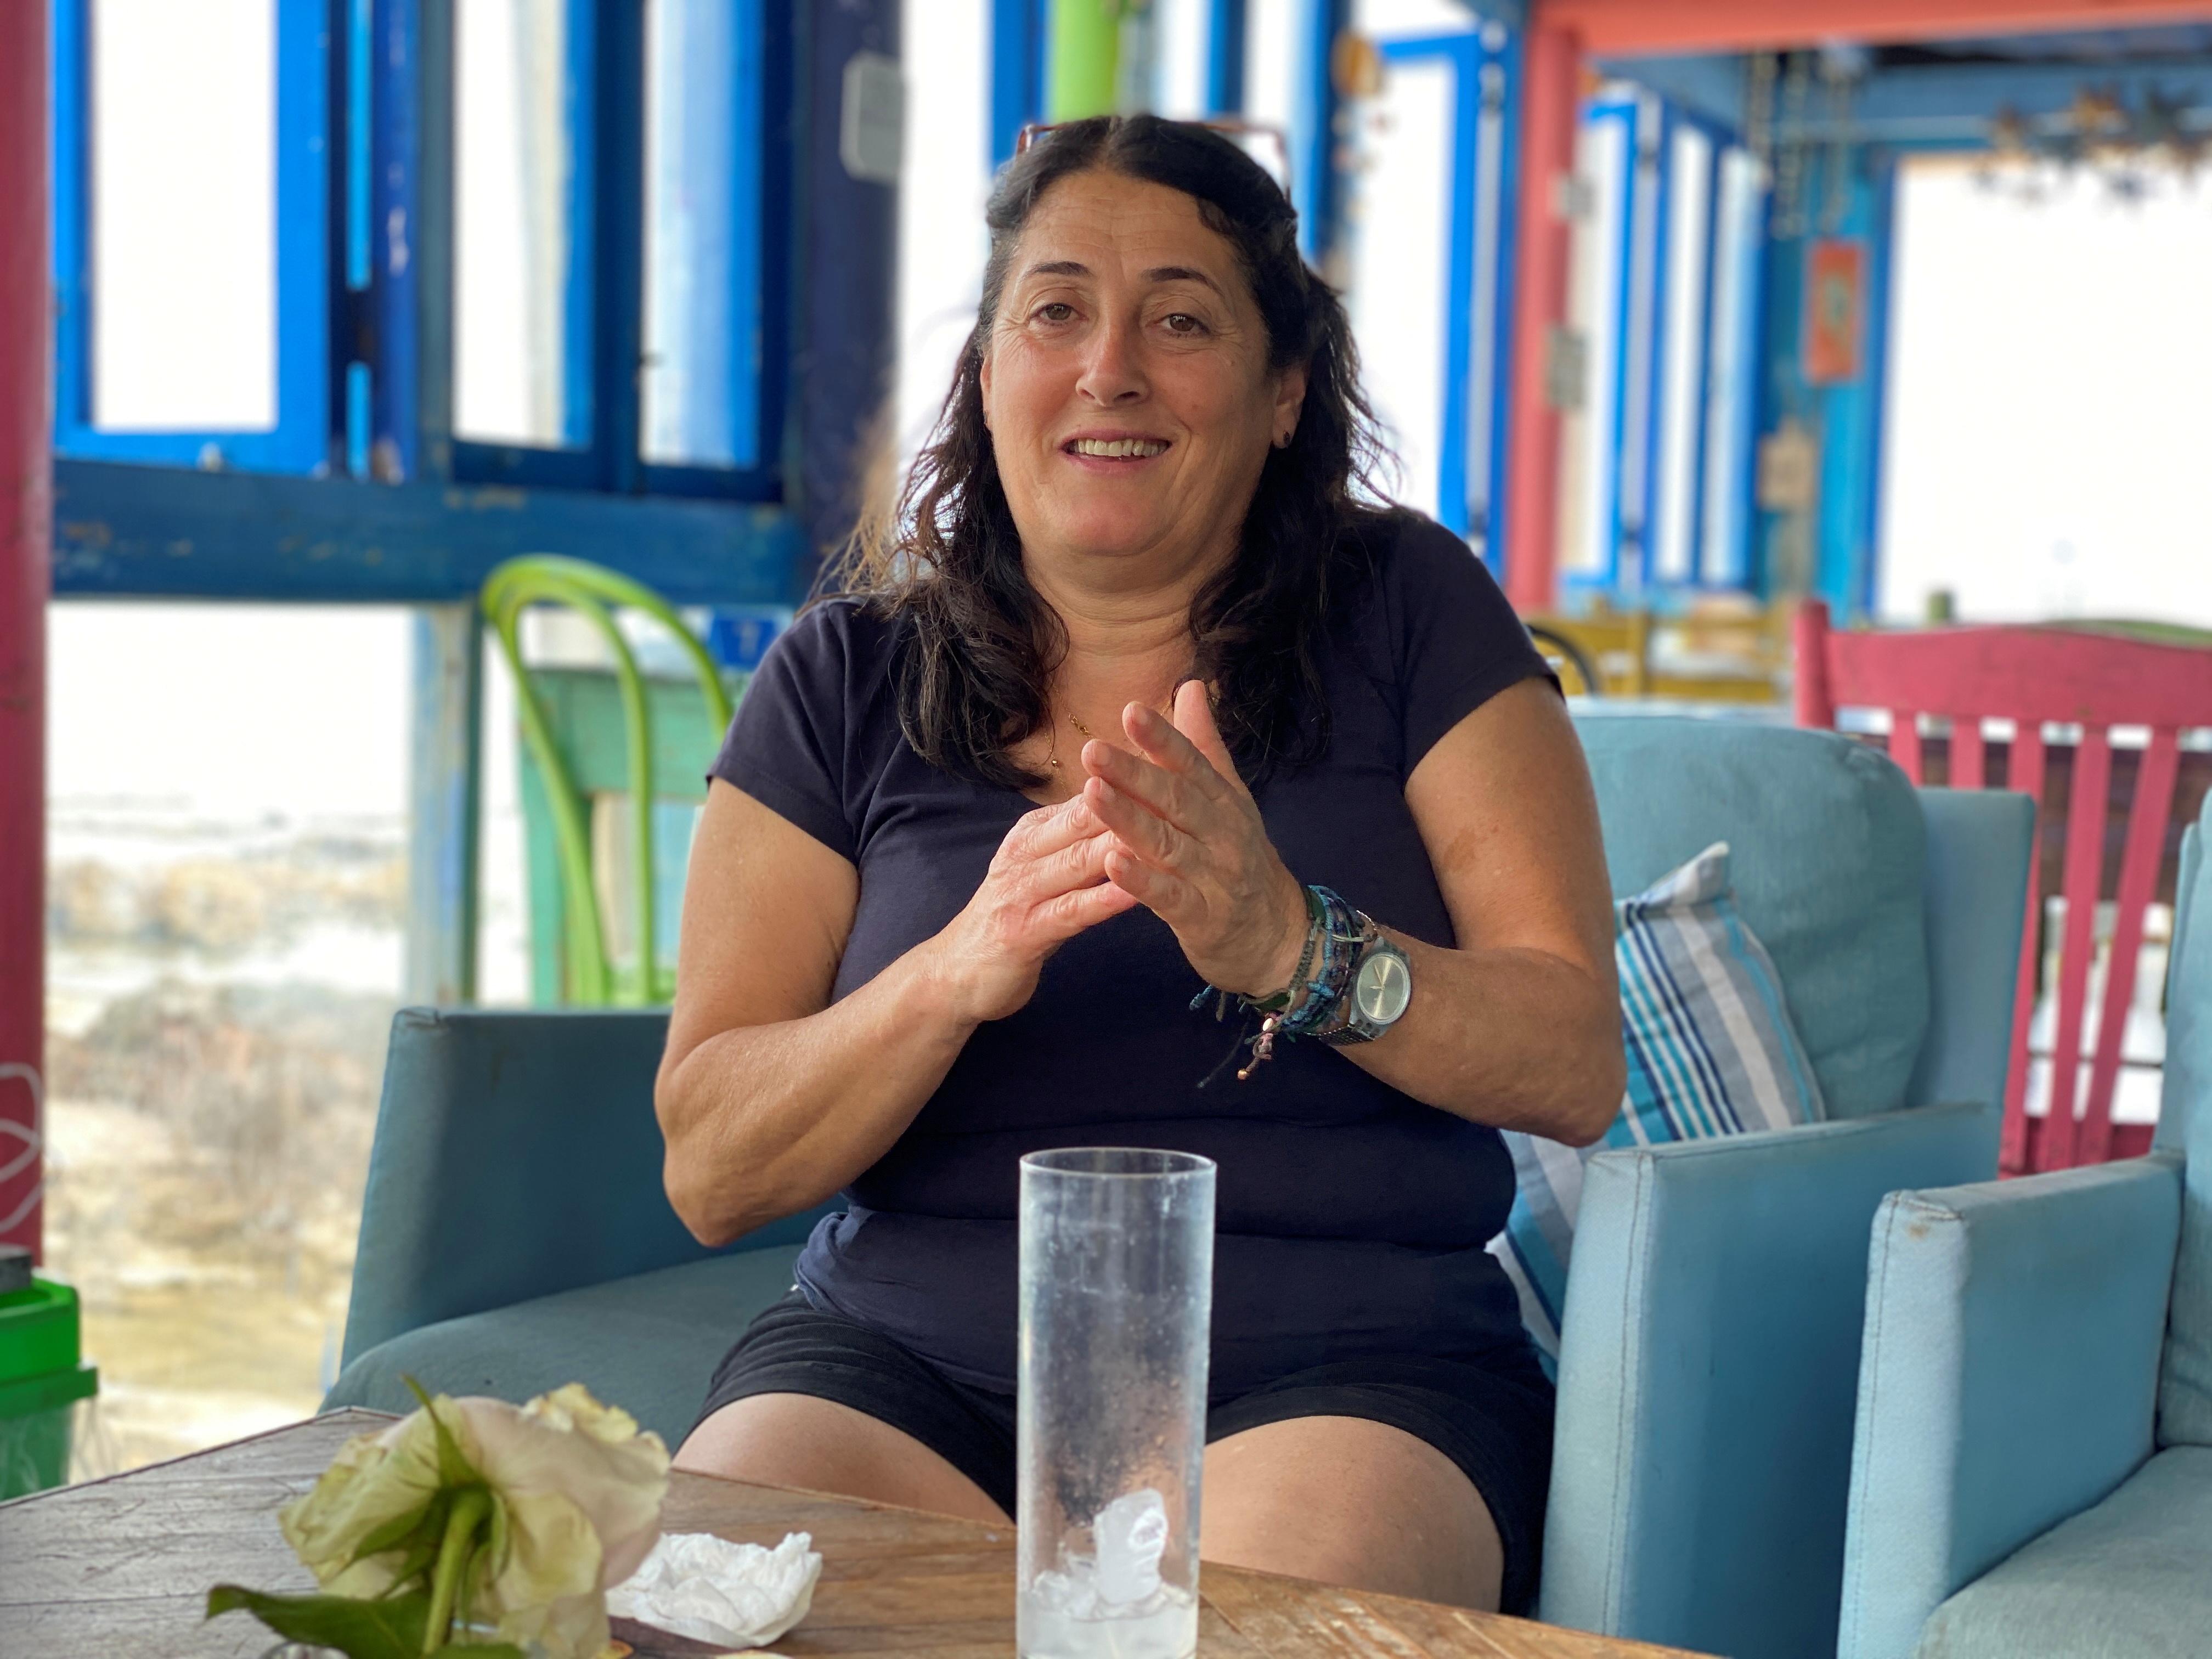 Maguy al-Mouhawas, eine Restaurantbesitzerin, gestikuliert während eines Interviews mit Reuters in ihrem Restaurant in Batroun, Nordlibanon, 4. Juni 2021. REUTERS/Imad Creidi KEINE WIEDERVERKÄUFE.  KEINE ARCHIVE